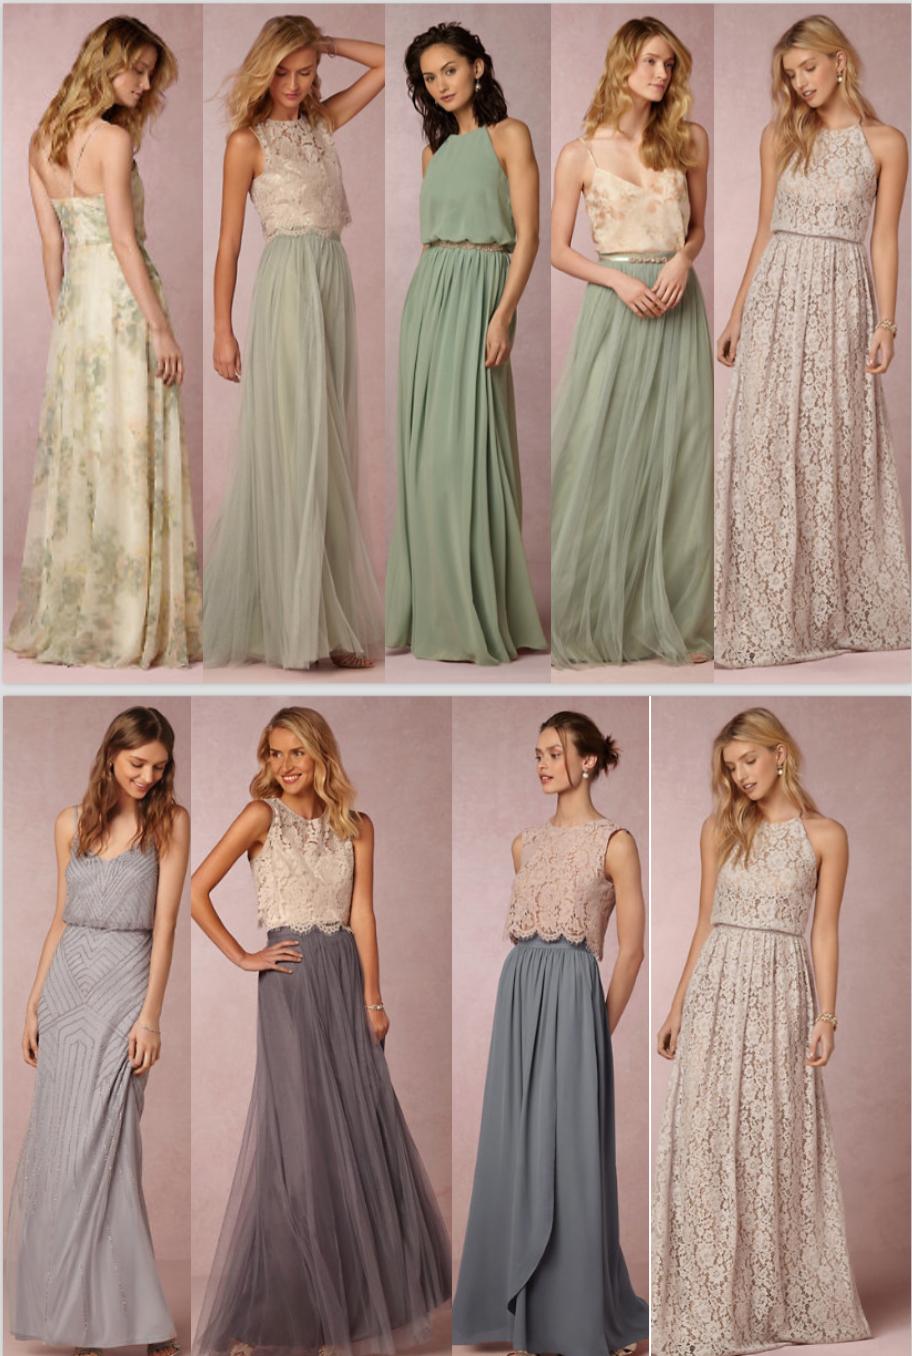 Brautkleider in Pastell Tönen  Kleider hochzeit